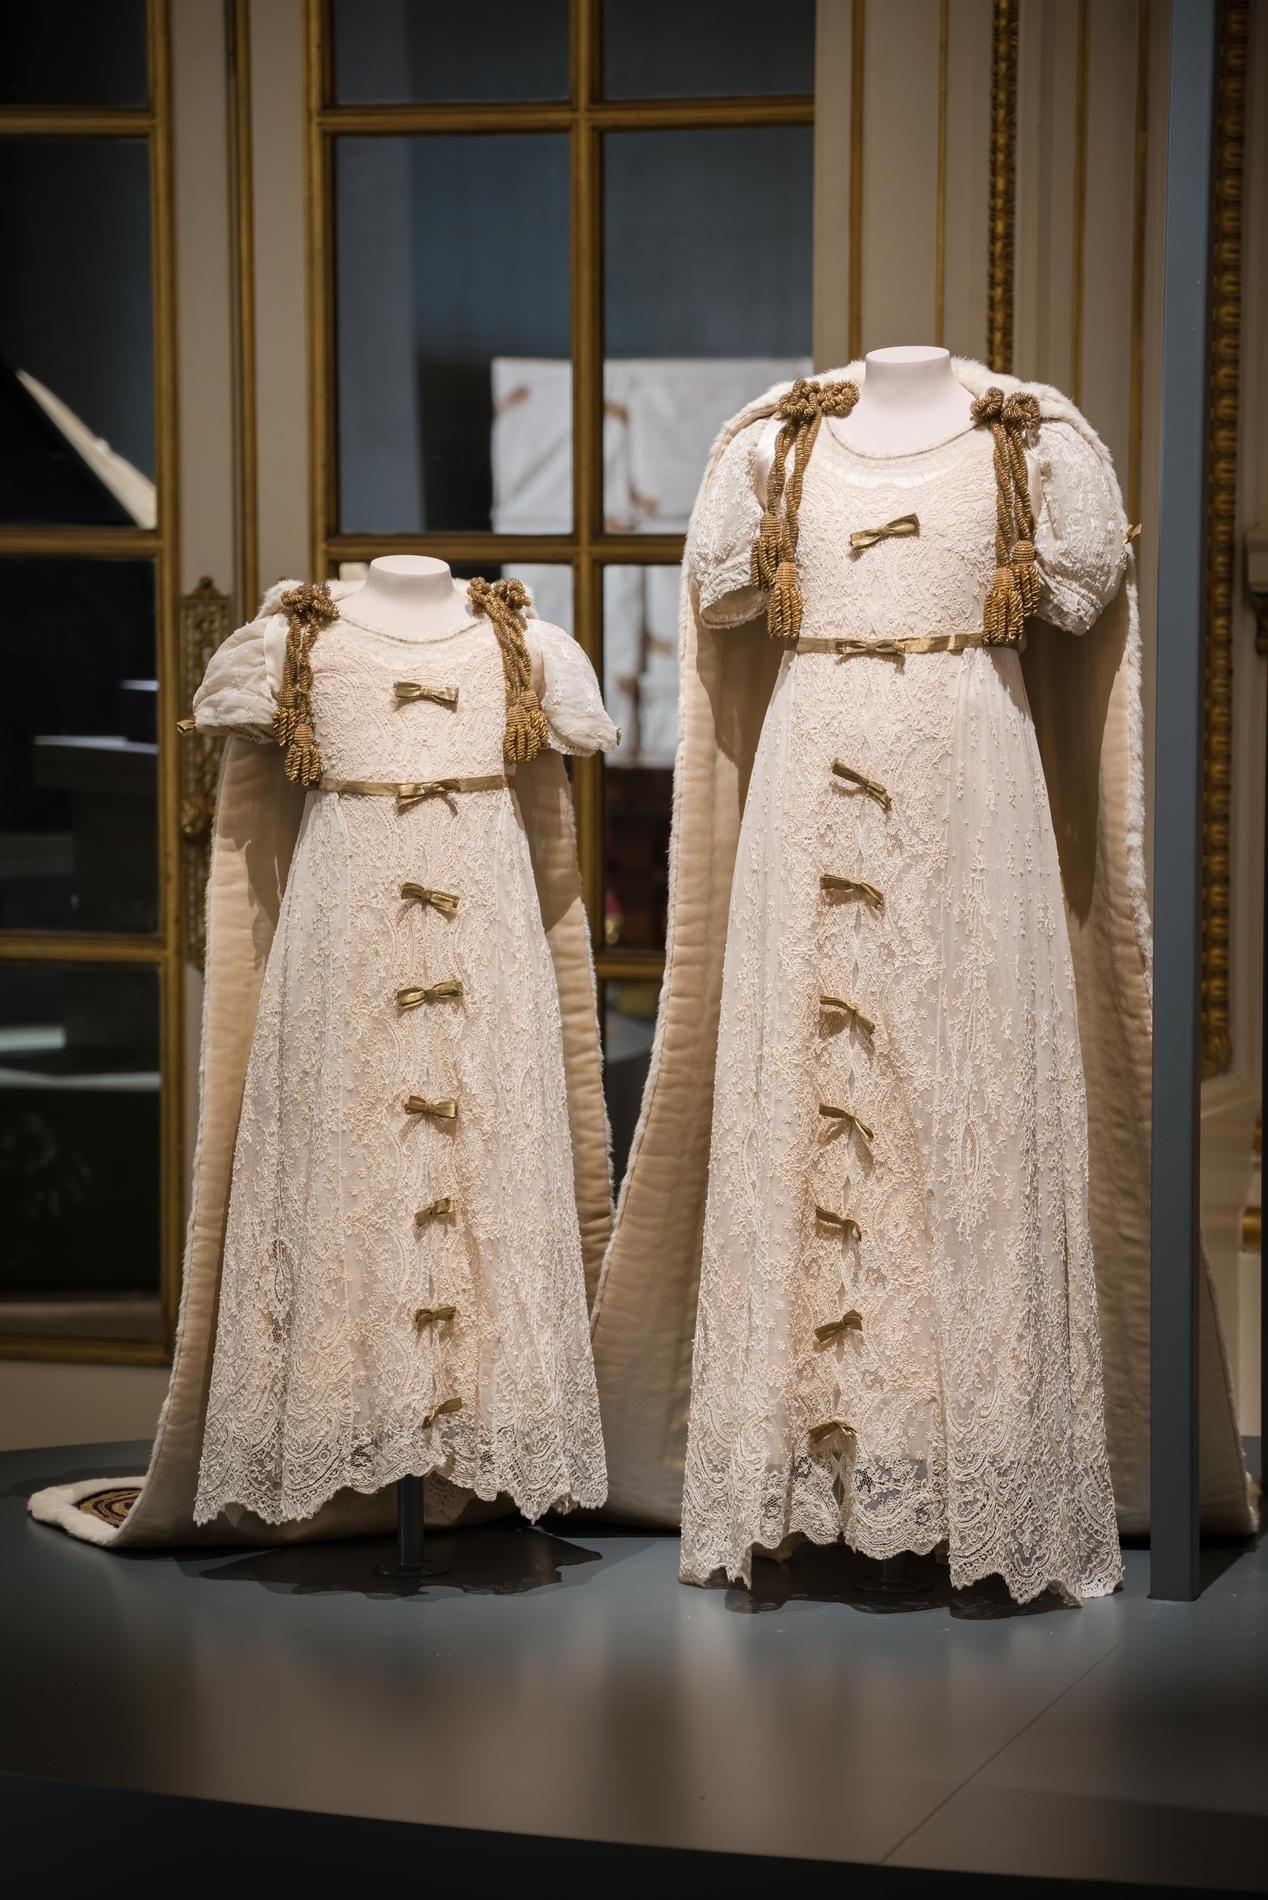 524f20adcdba1 Elizabeth II casse le dress code royal pour la première fois depuis ...